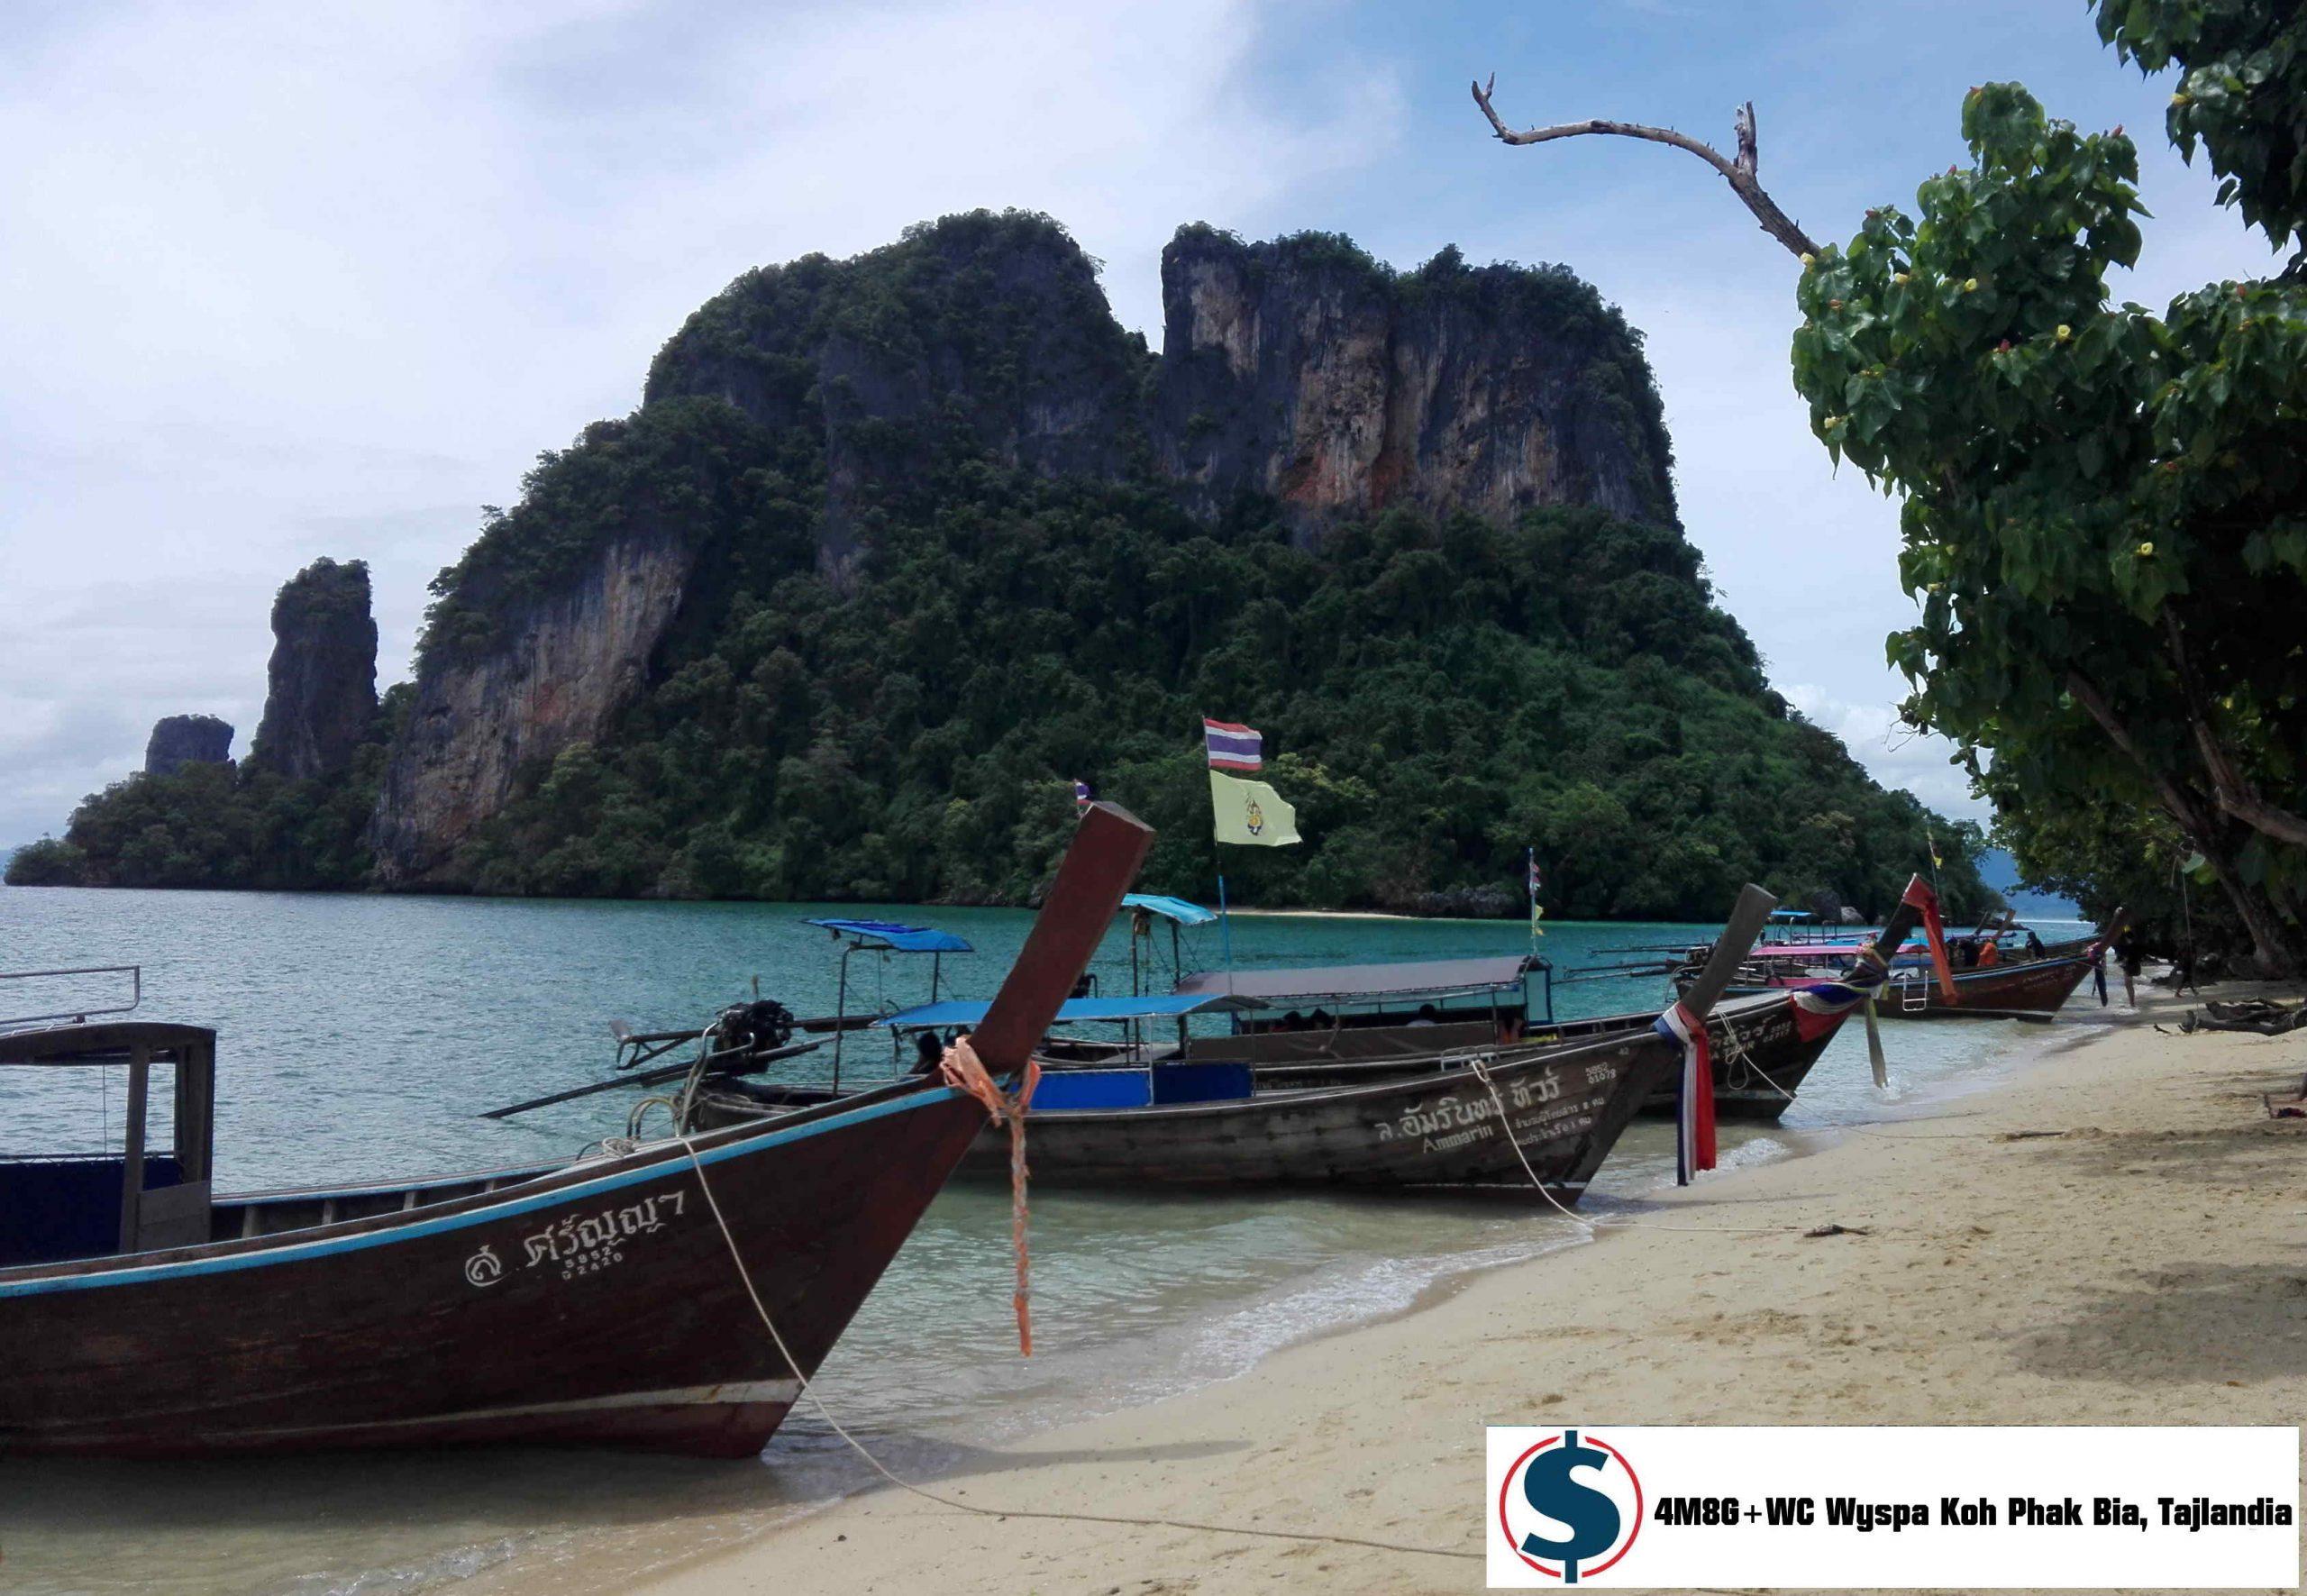 Pamiętasz reklamy OFE? Łodzie na plaży 4M8G+WC Wyspa Koh Phak Bia Tajlandia